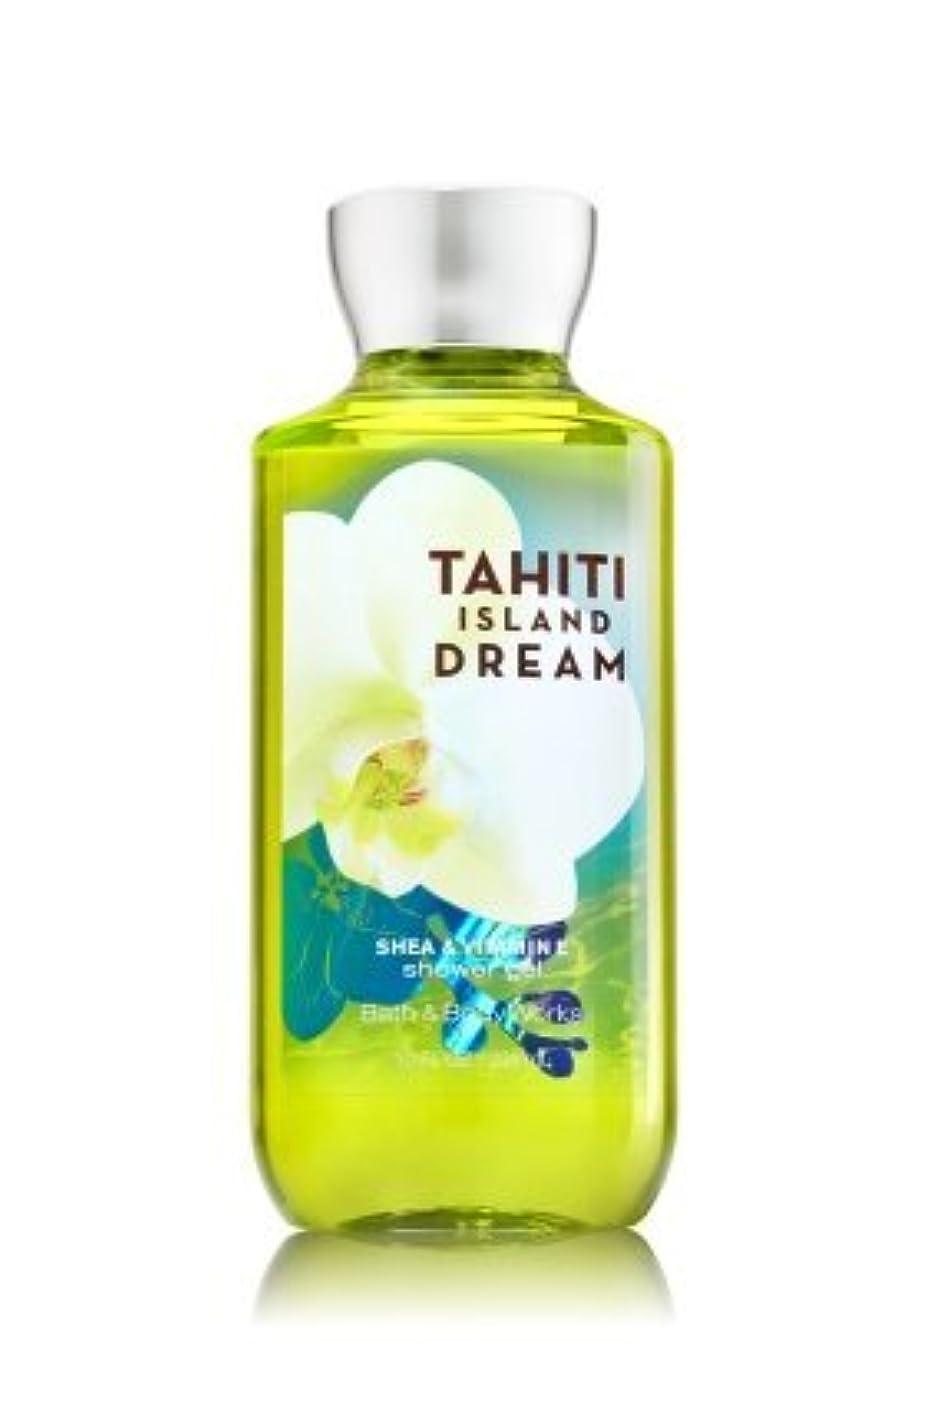 雇った興味卑しい【Bath&Body Works/バス&ボディワークス】 シャワージェル タヒチアイランドドリーム Shower Gel Tahiti Island Dream 10 fl oz / 295 mL [並行輸入品]